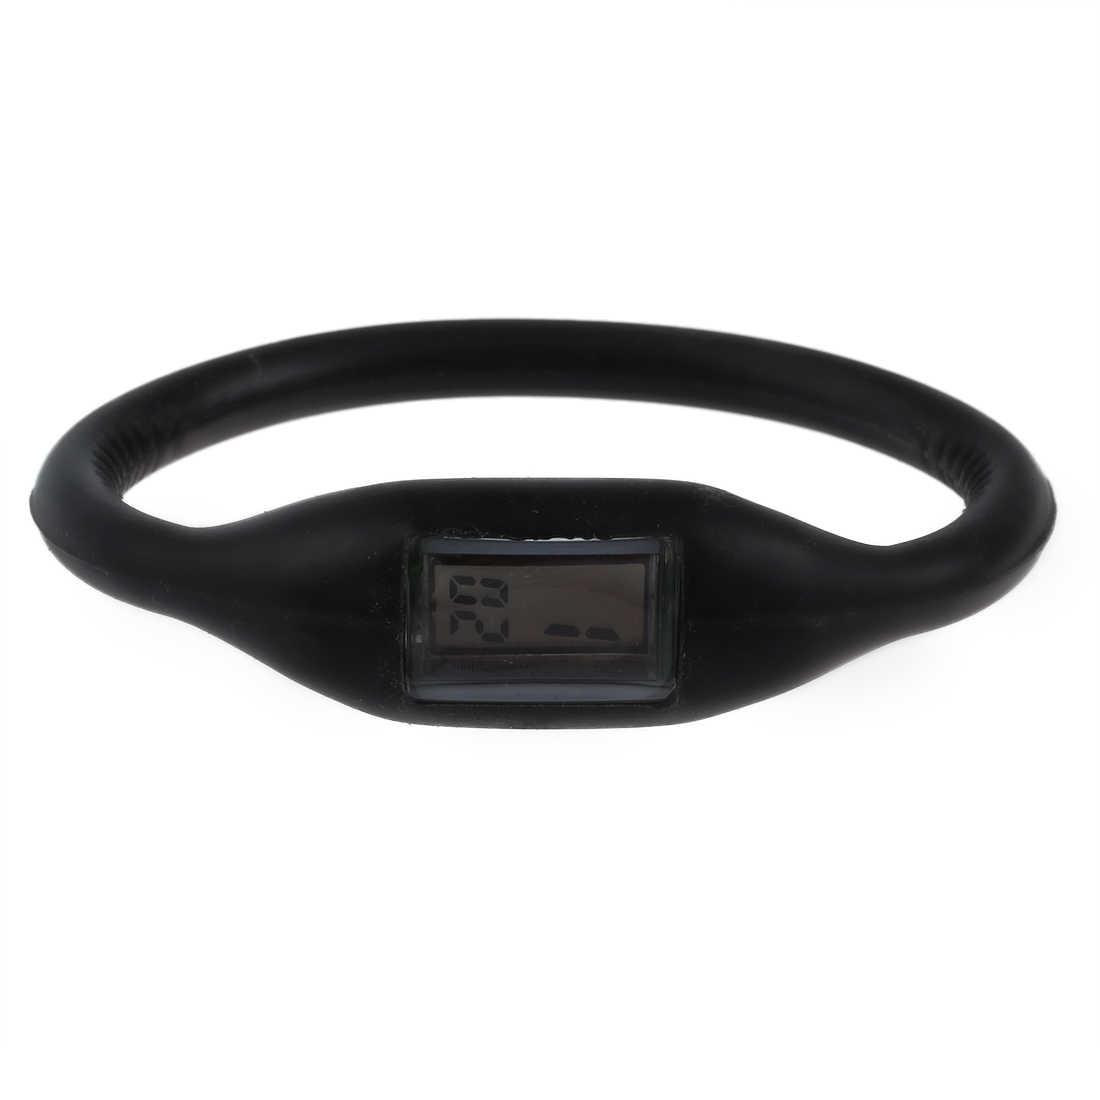 Nuevo reloj Digital de silicona Unisex Anion negativo Ion hombres mujeres deportes reloj de pulsera para estudiante